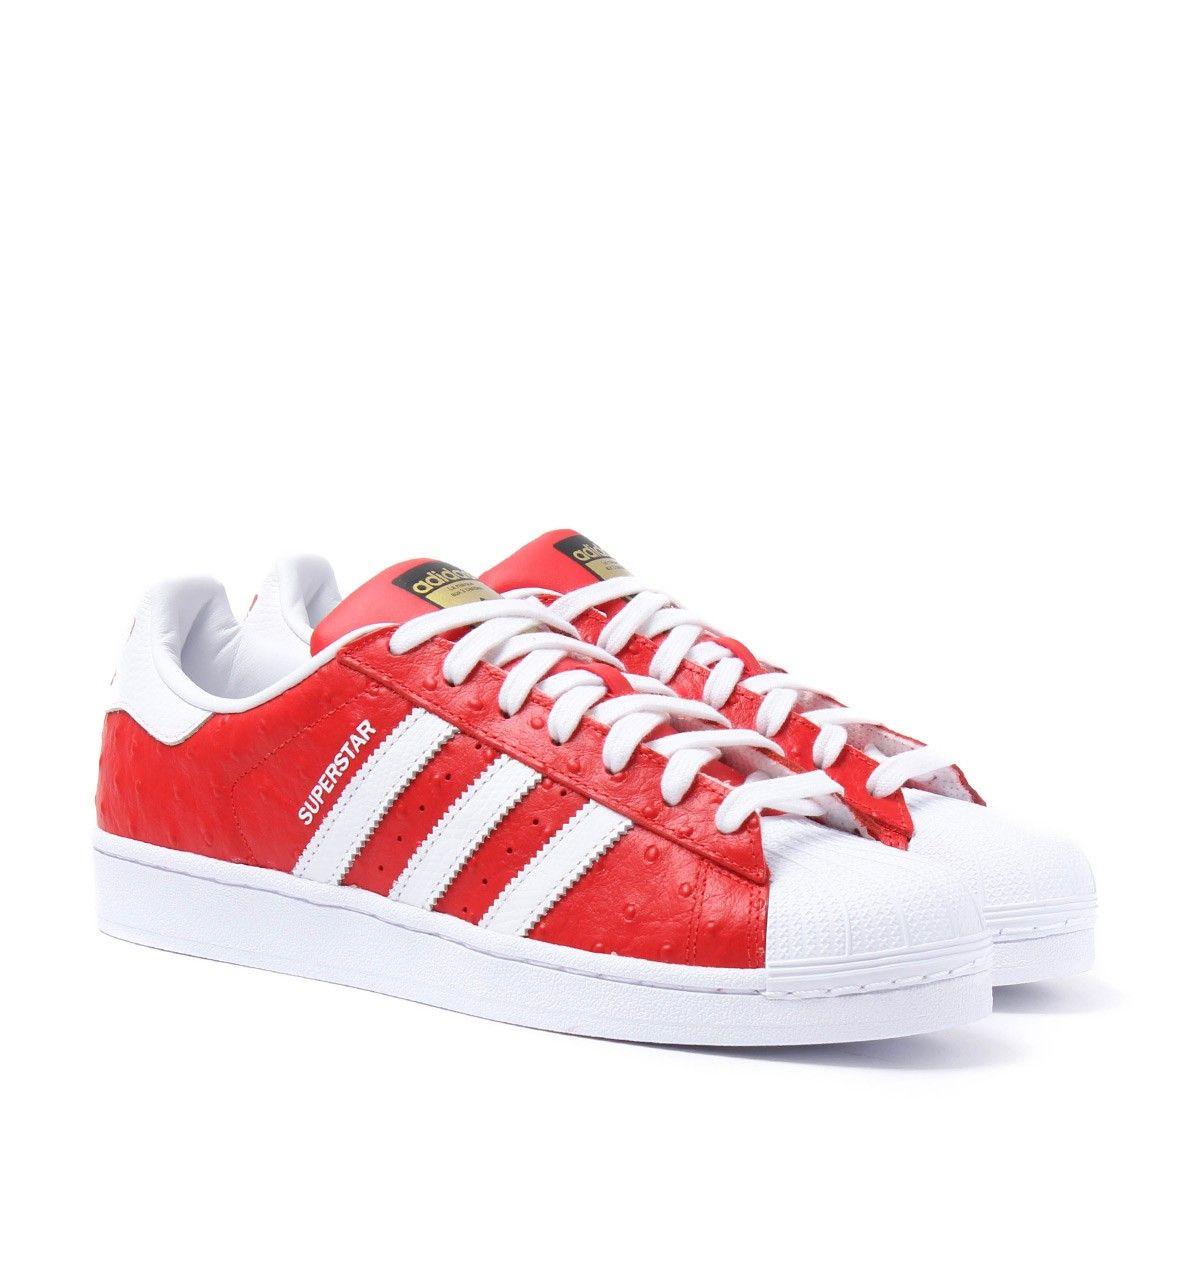 Adidas Originals Superstar Red Ostrich